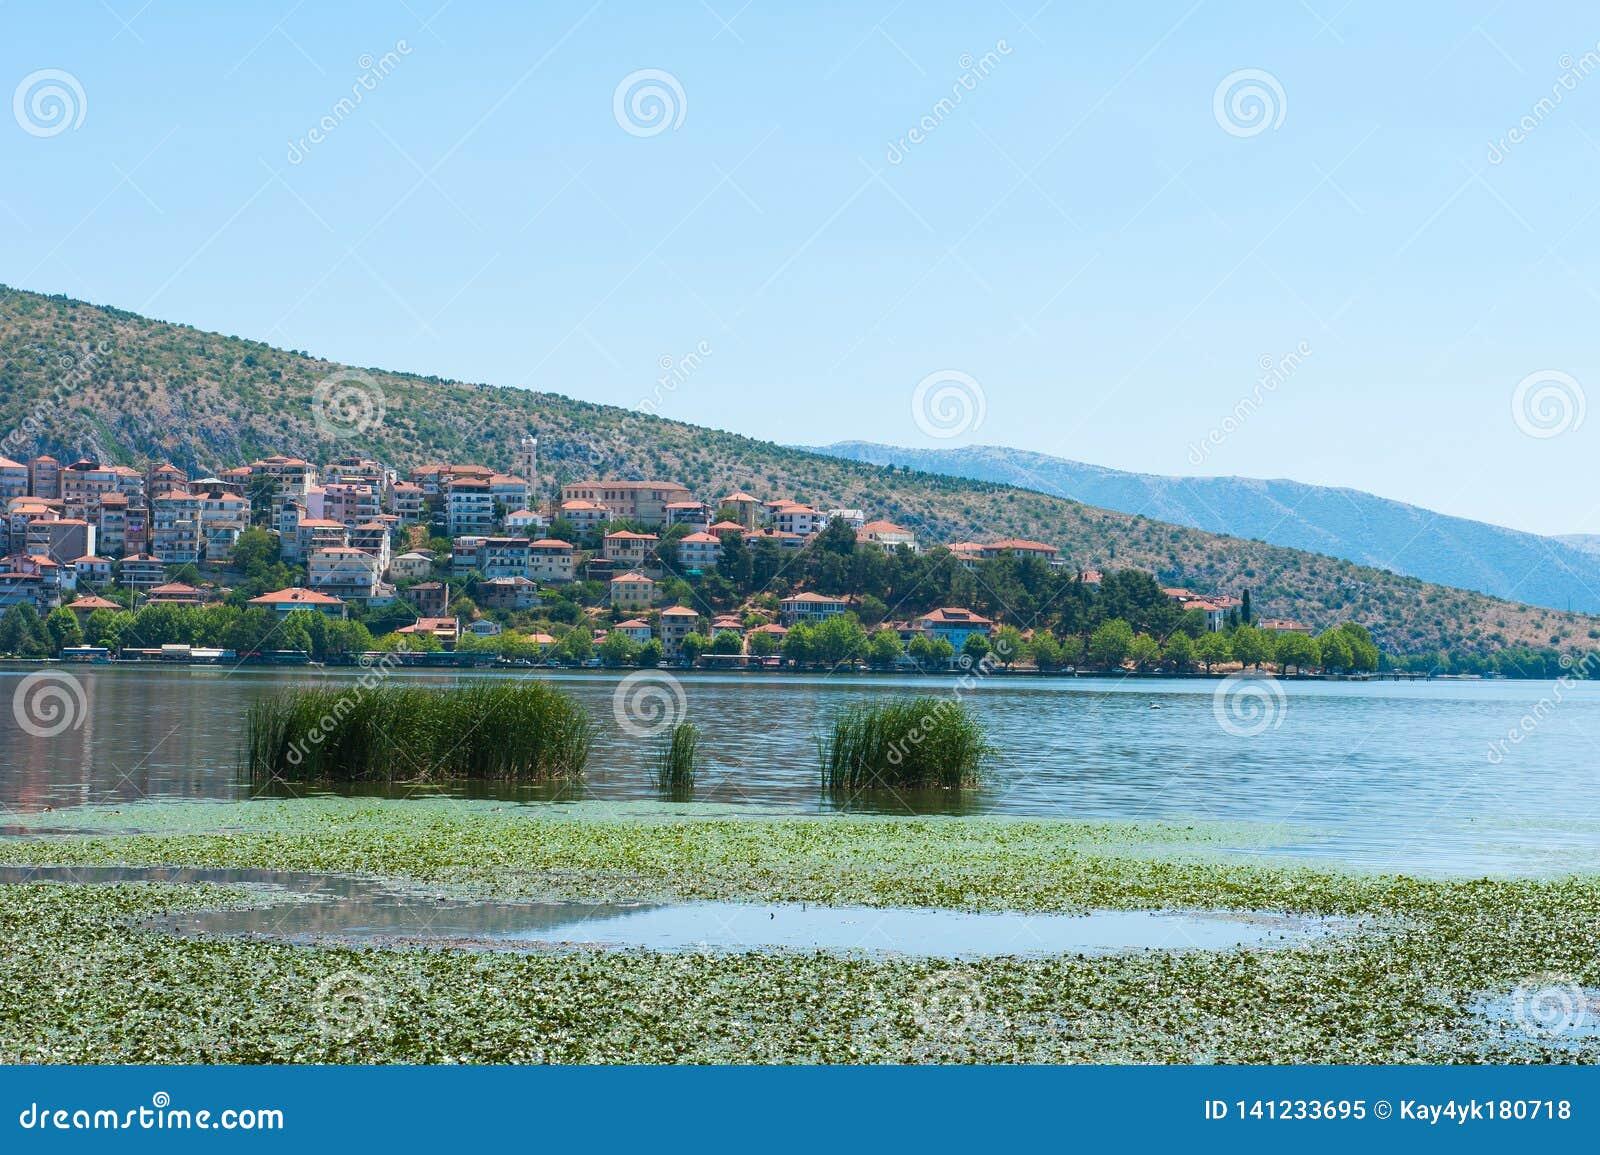 Stadt mit orange Dächern durch den See